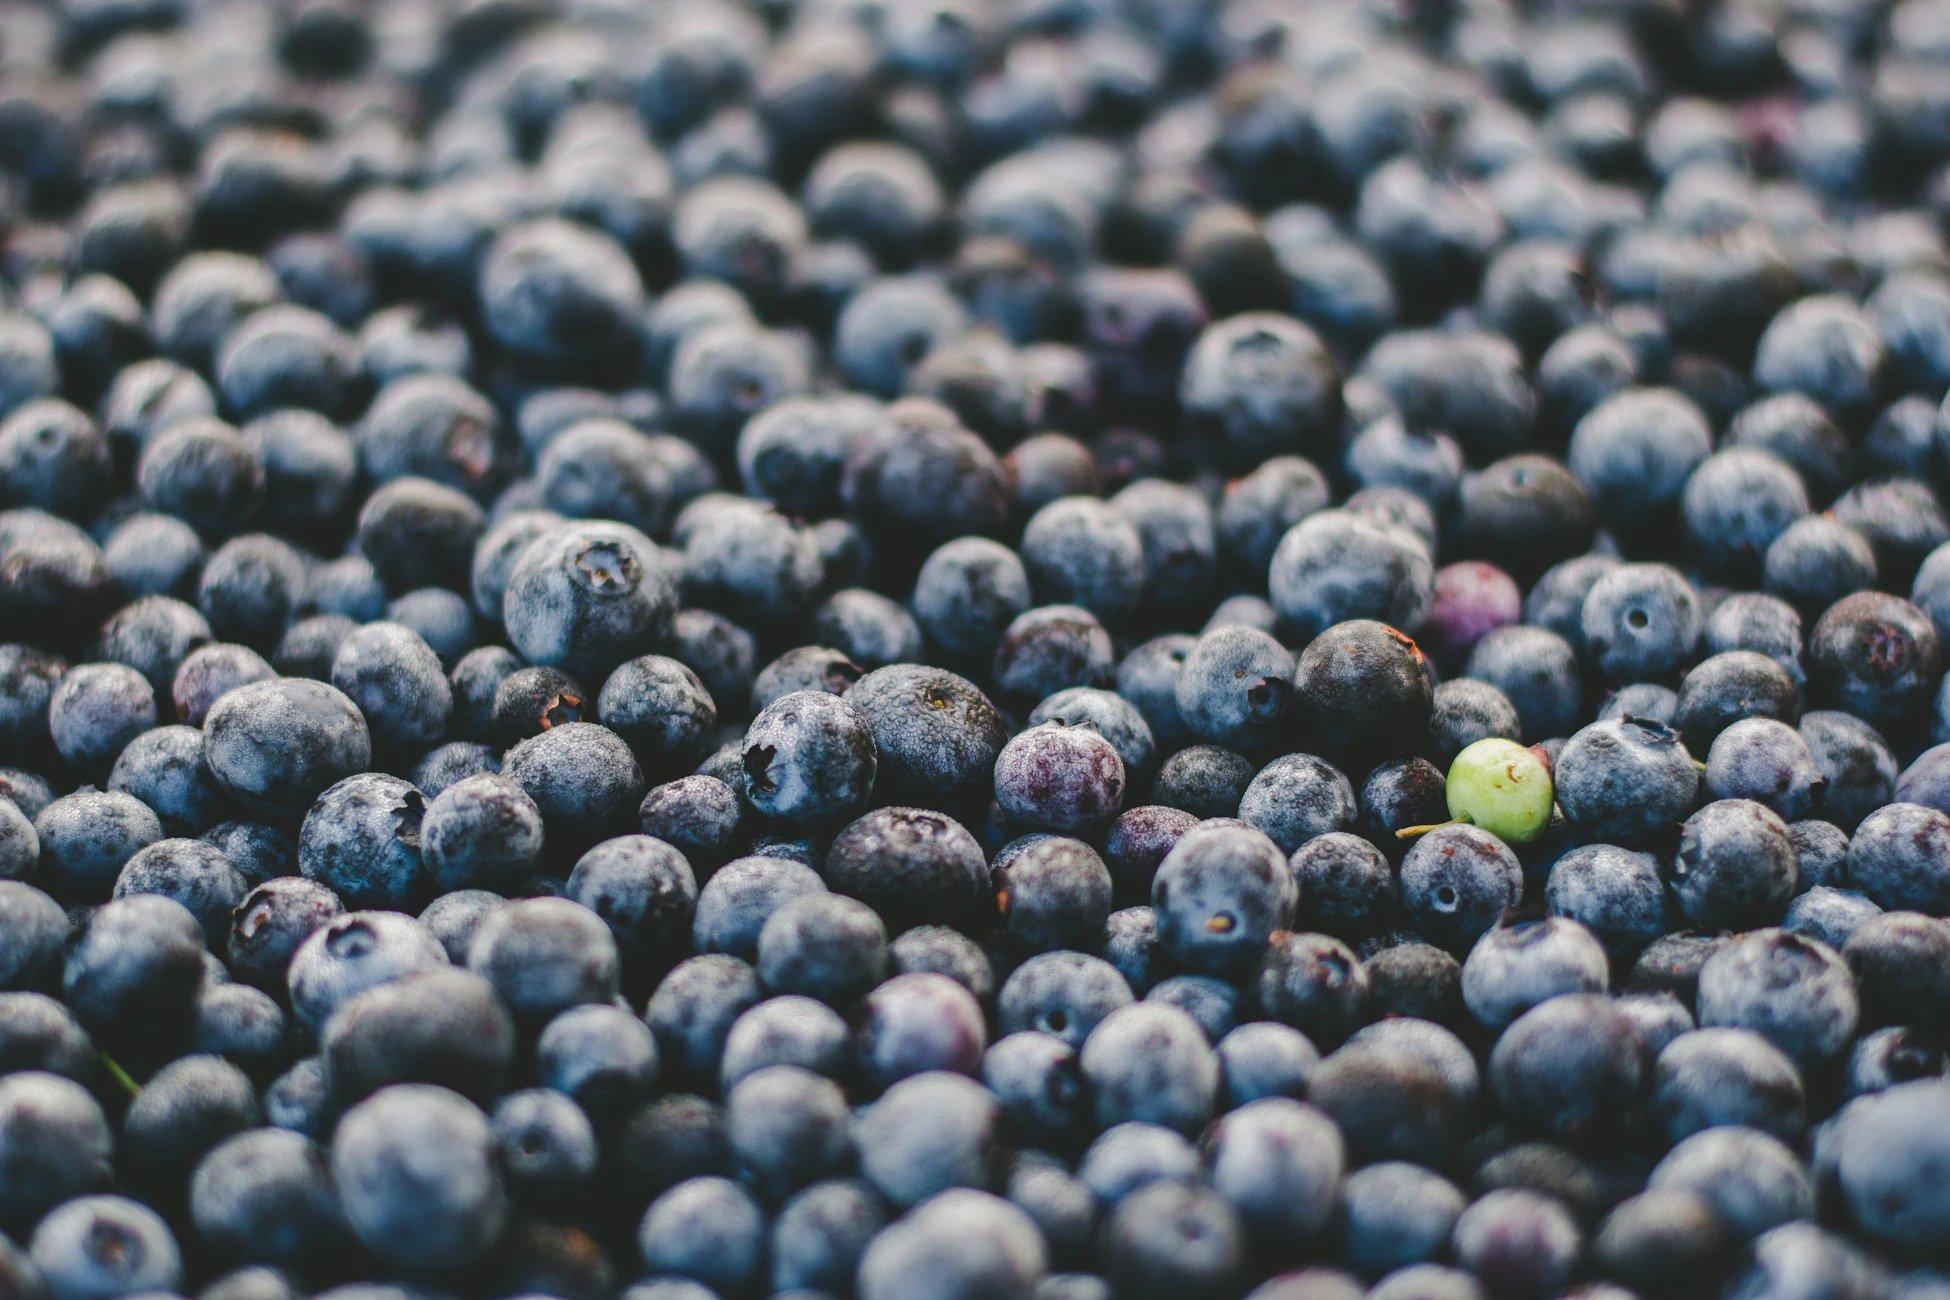 Ett grönt blåbär bland blå blåbär, för att visa på omprofilering